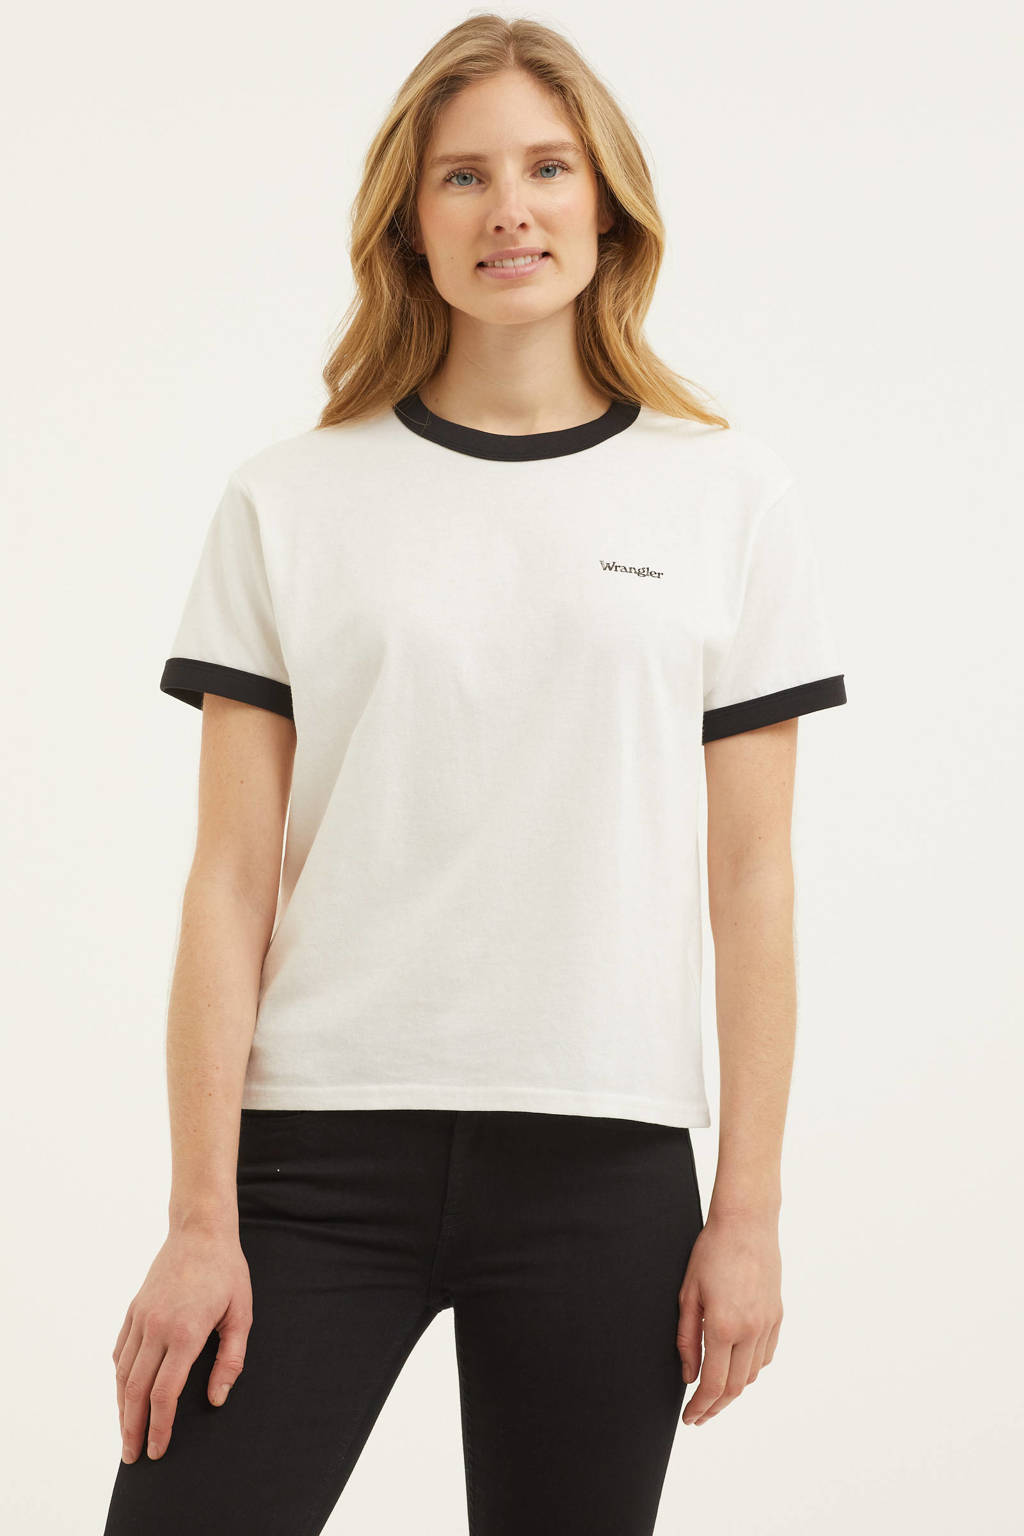 Wrangler T-shirt van biologisch katoen wit/zwart, Wit/zwart